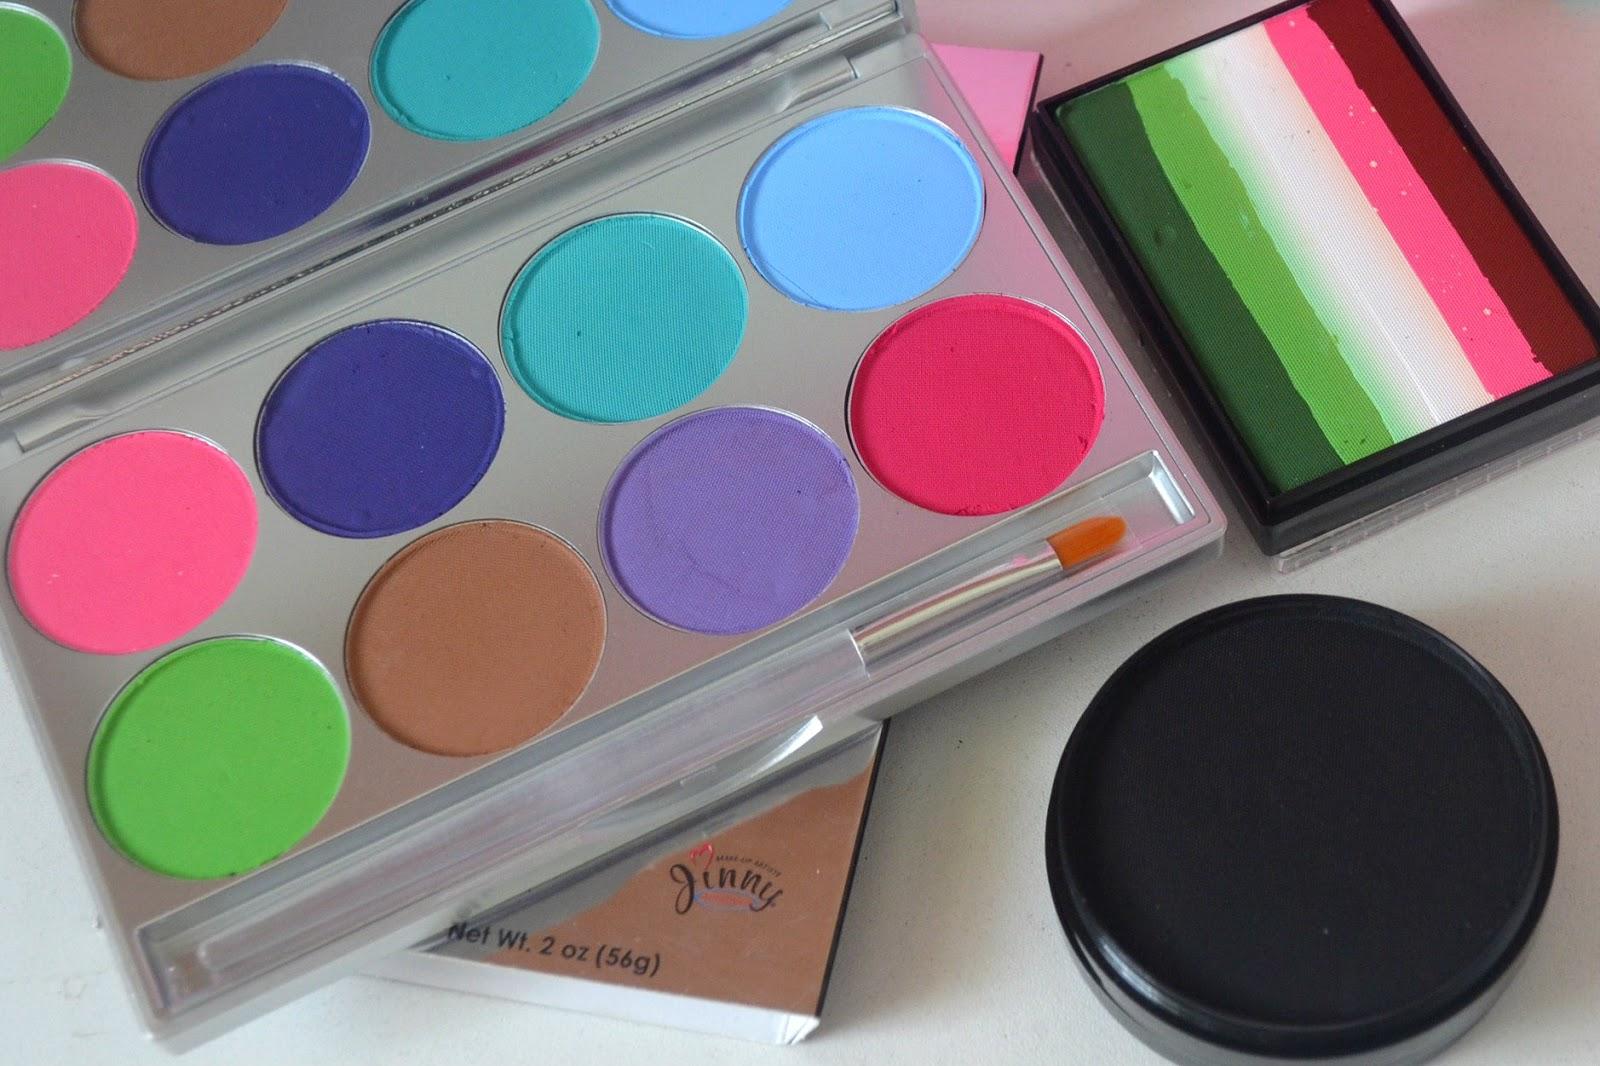 IMATS Mehron Haul Pastel Palette